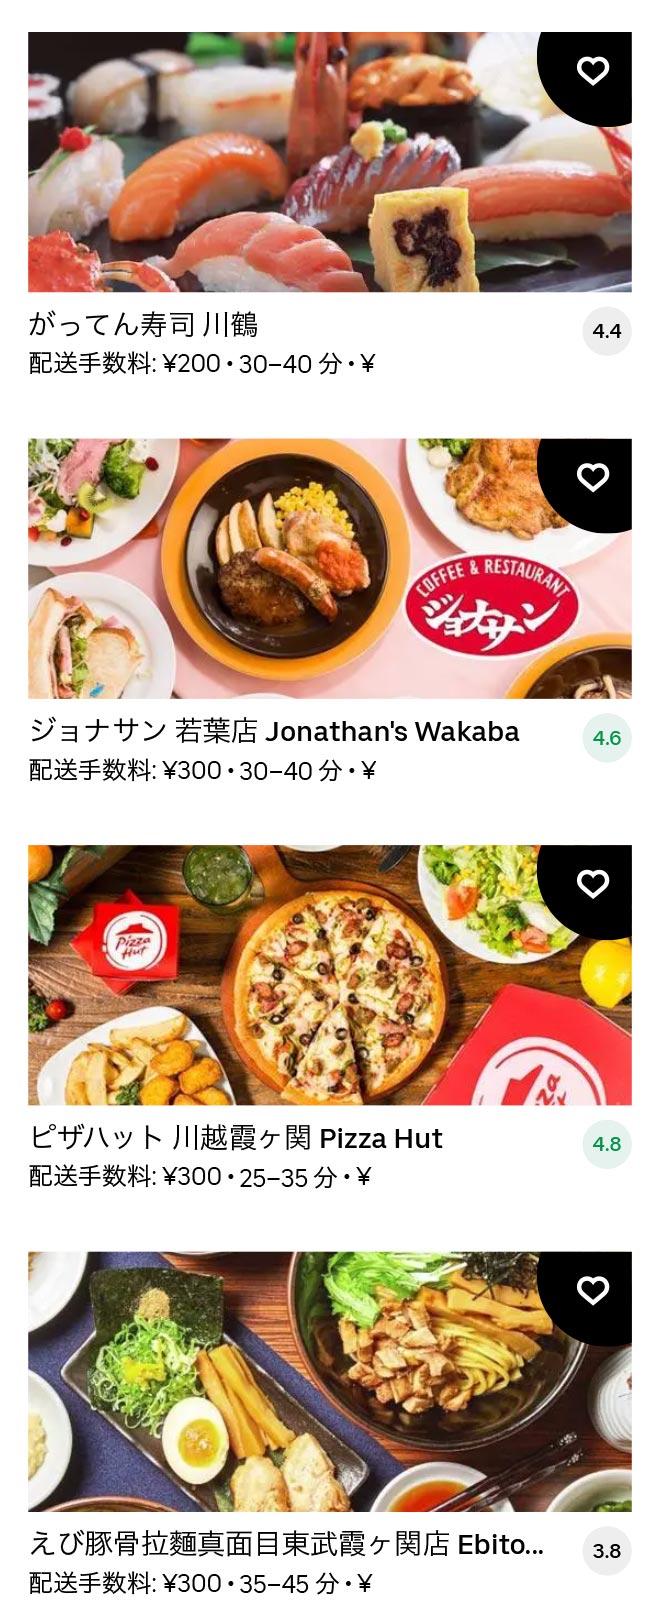 Tsurugashima menu 2101 07